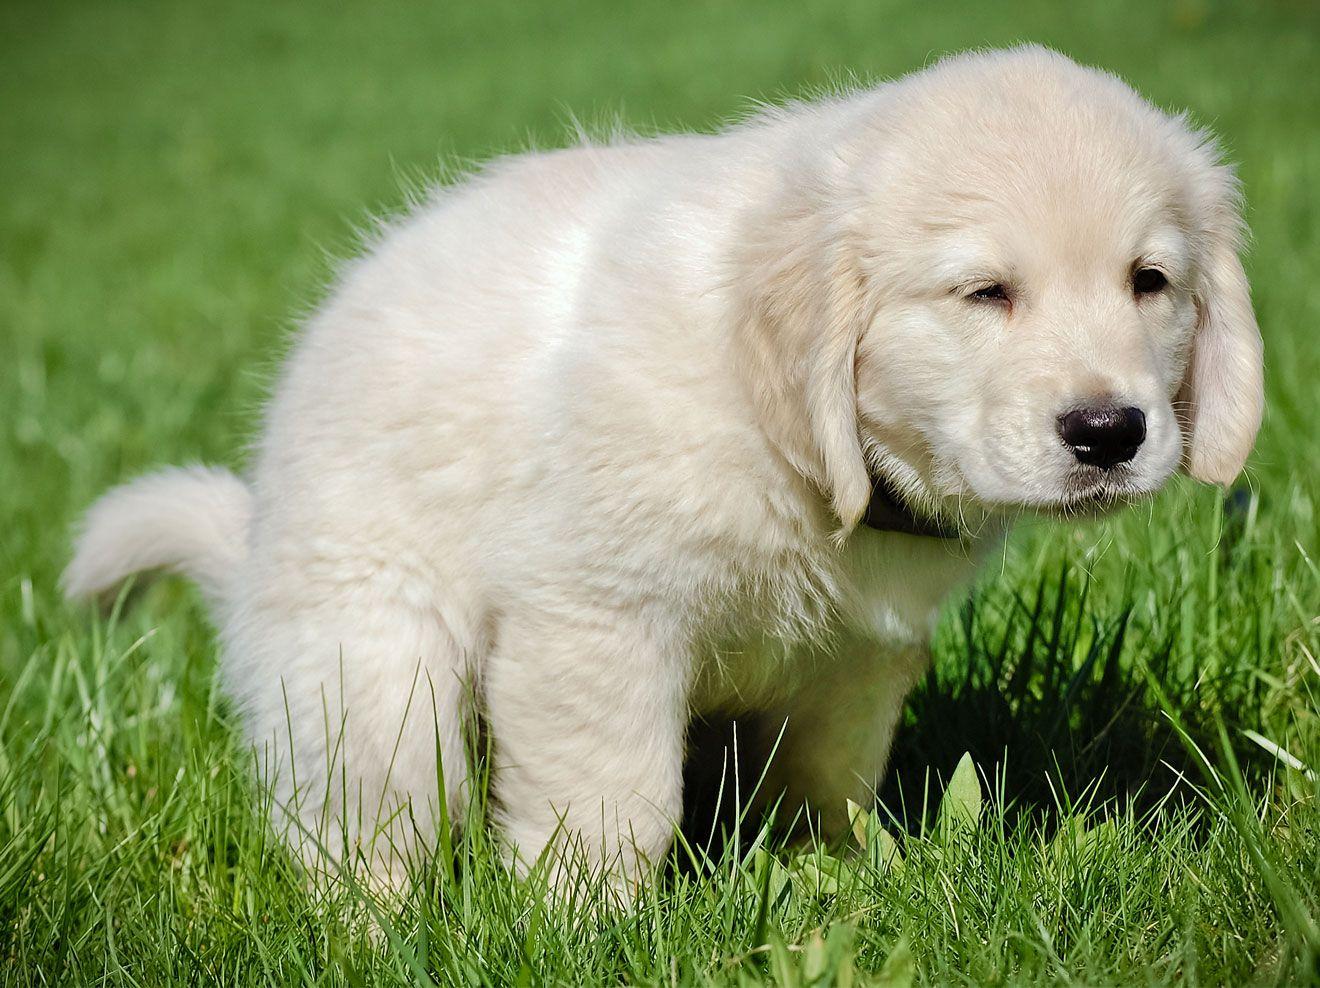 Durchfall Beim Hund Diese 8 Hausmittel Schaffen Abhilfe Durchfall Beim Hund Durchfall Hund Hundeschule